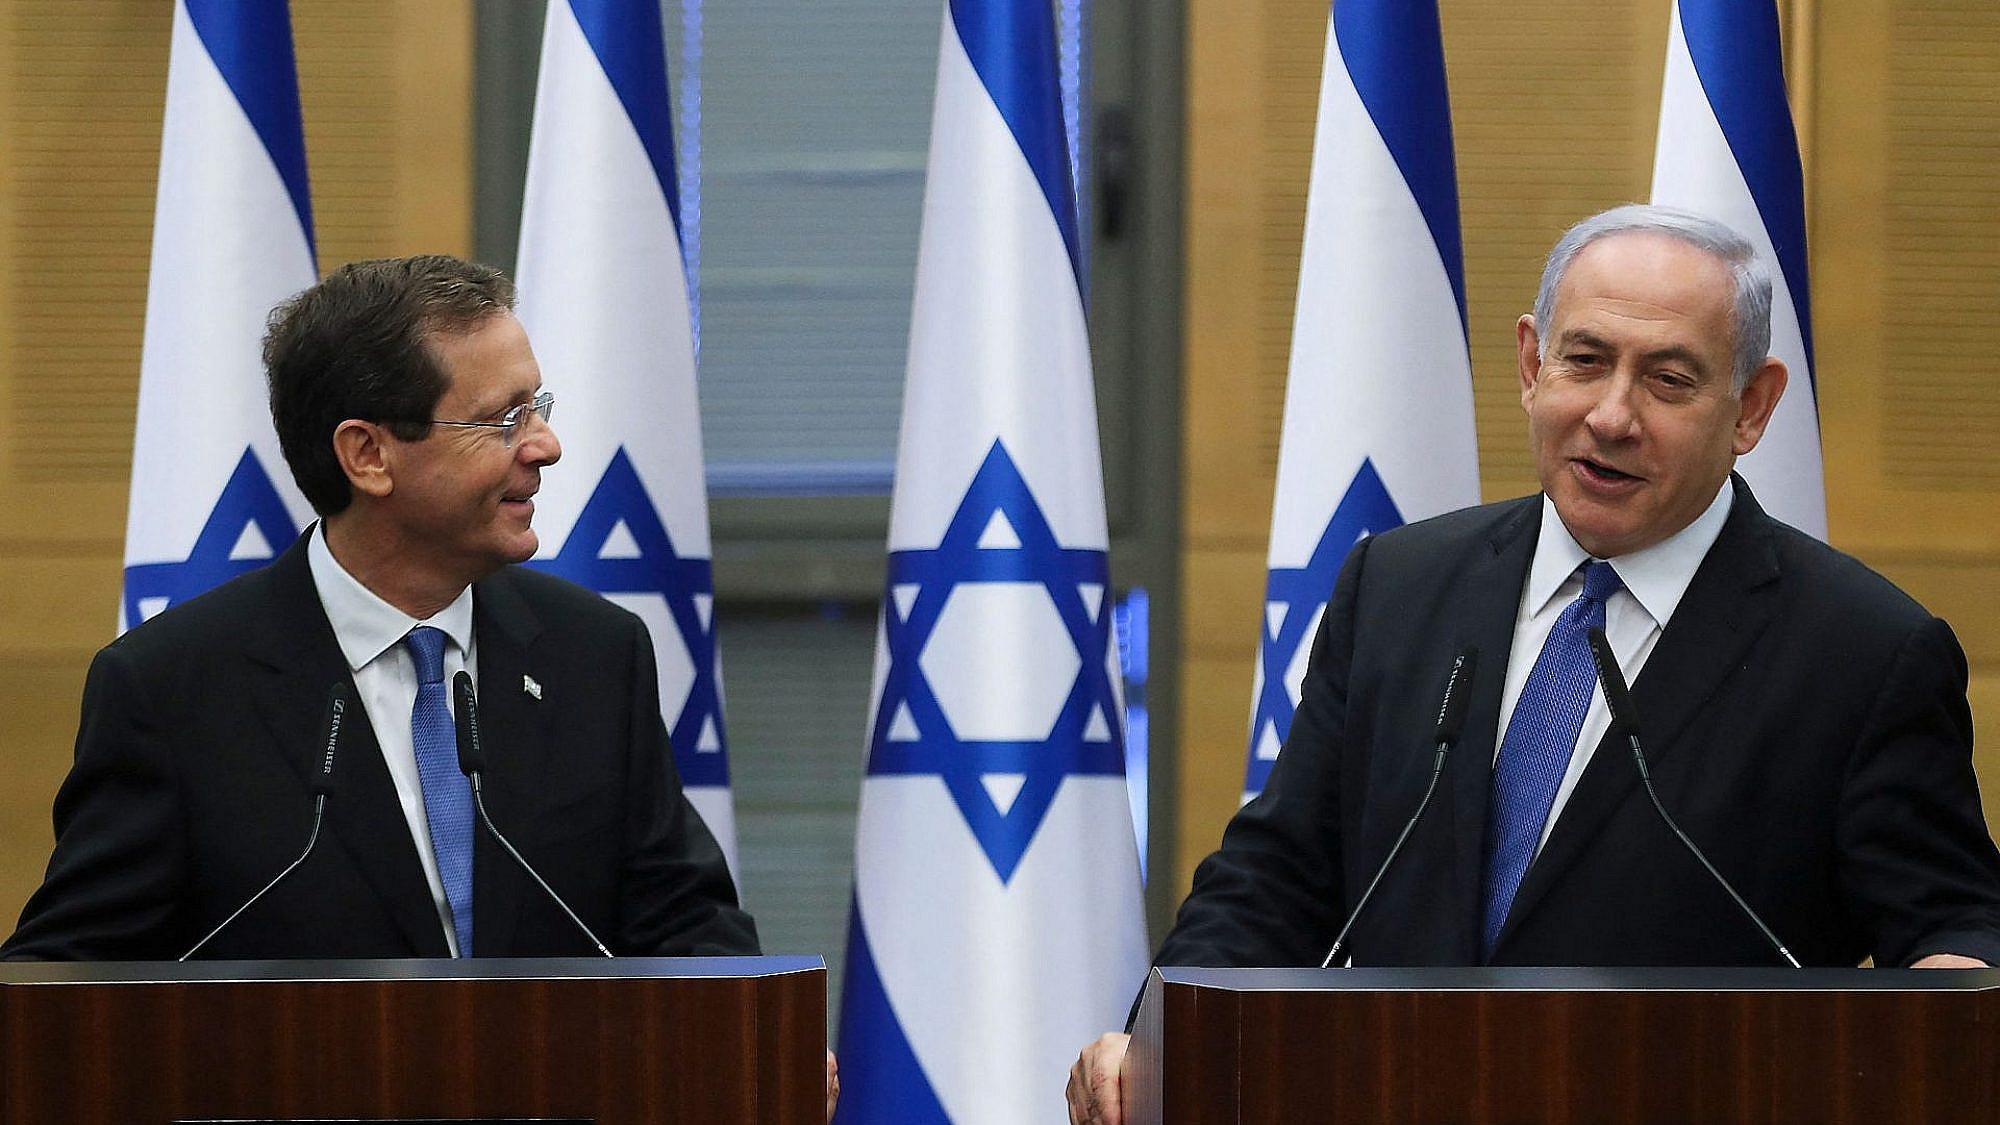 כמה אהבה. ראש הממשלה לשעבר והנשיא הנכנס (צילום: רונן זבולון\גטי אימג'ס)